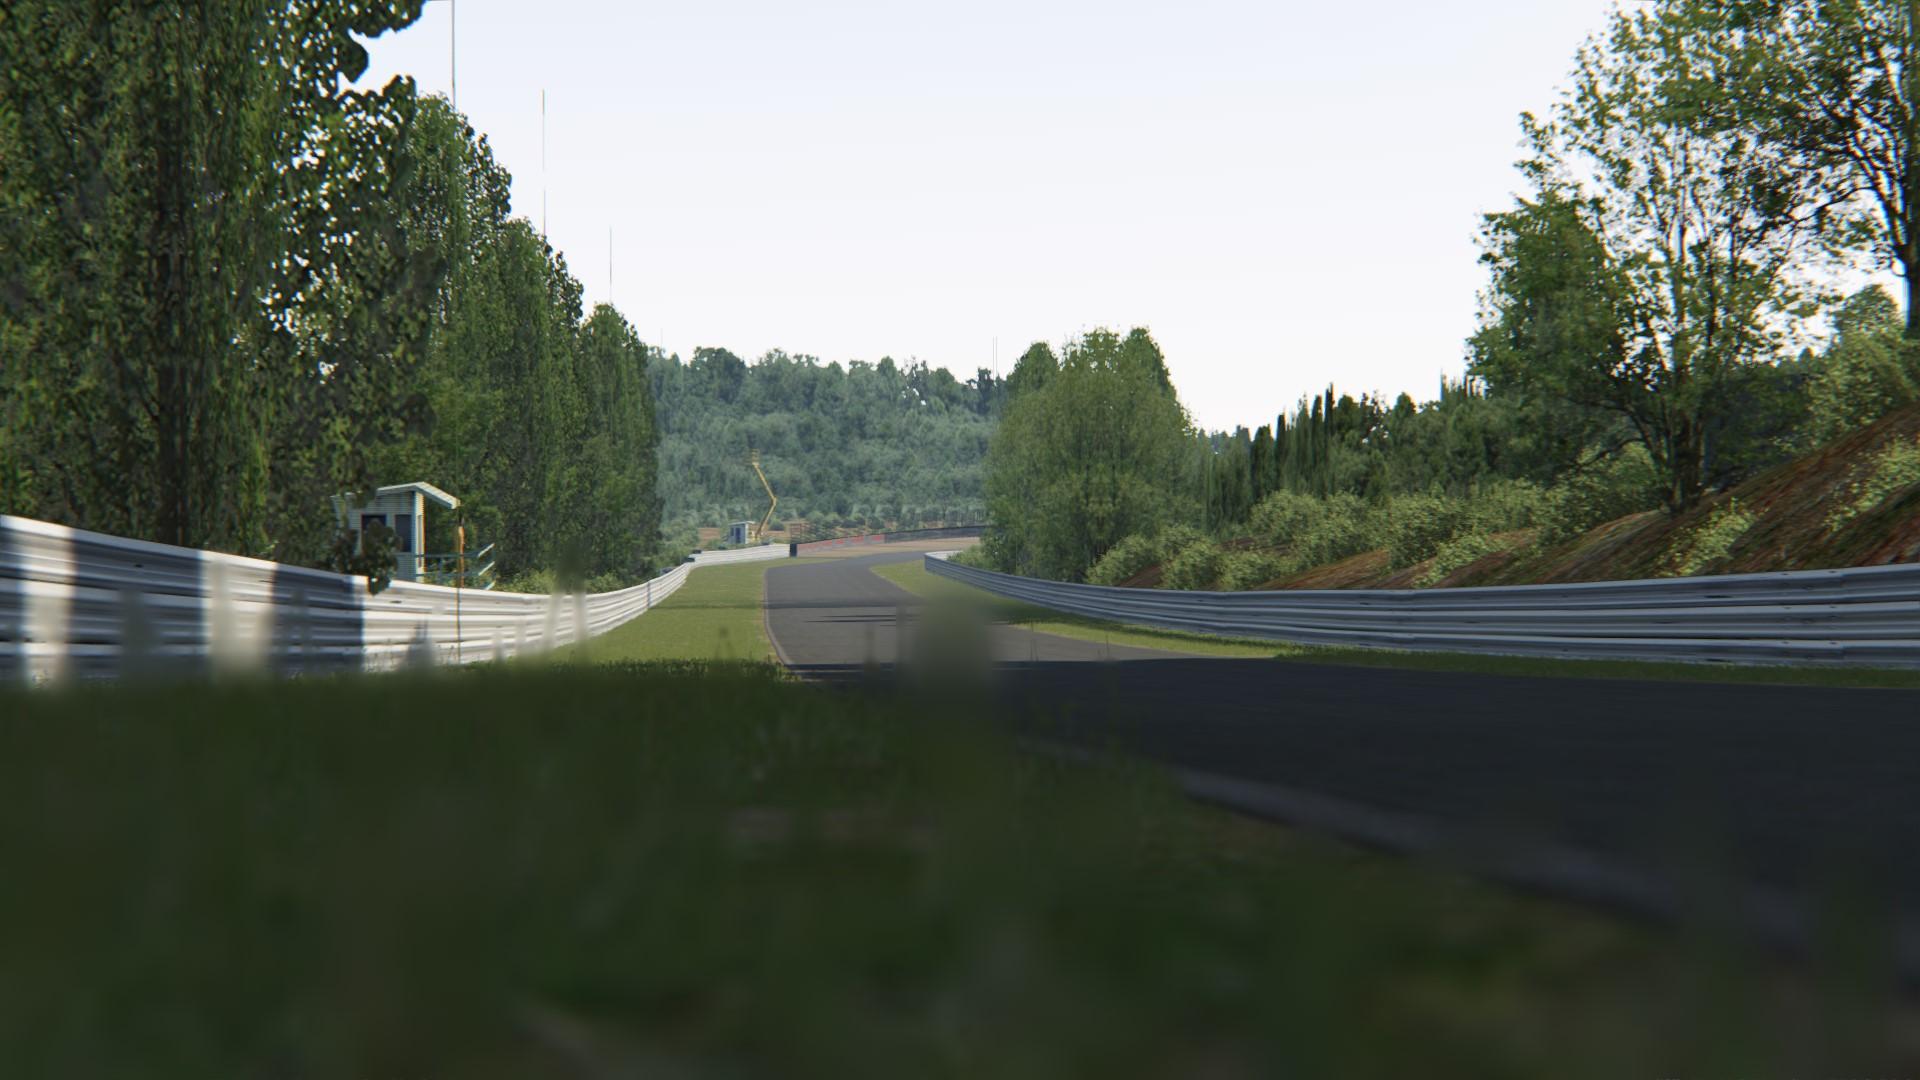 Screenshot_mclaren_mp412c_sportsland_sugo_31-3-116-11-49-44.jpg